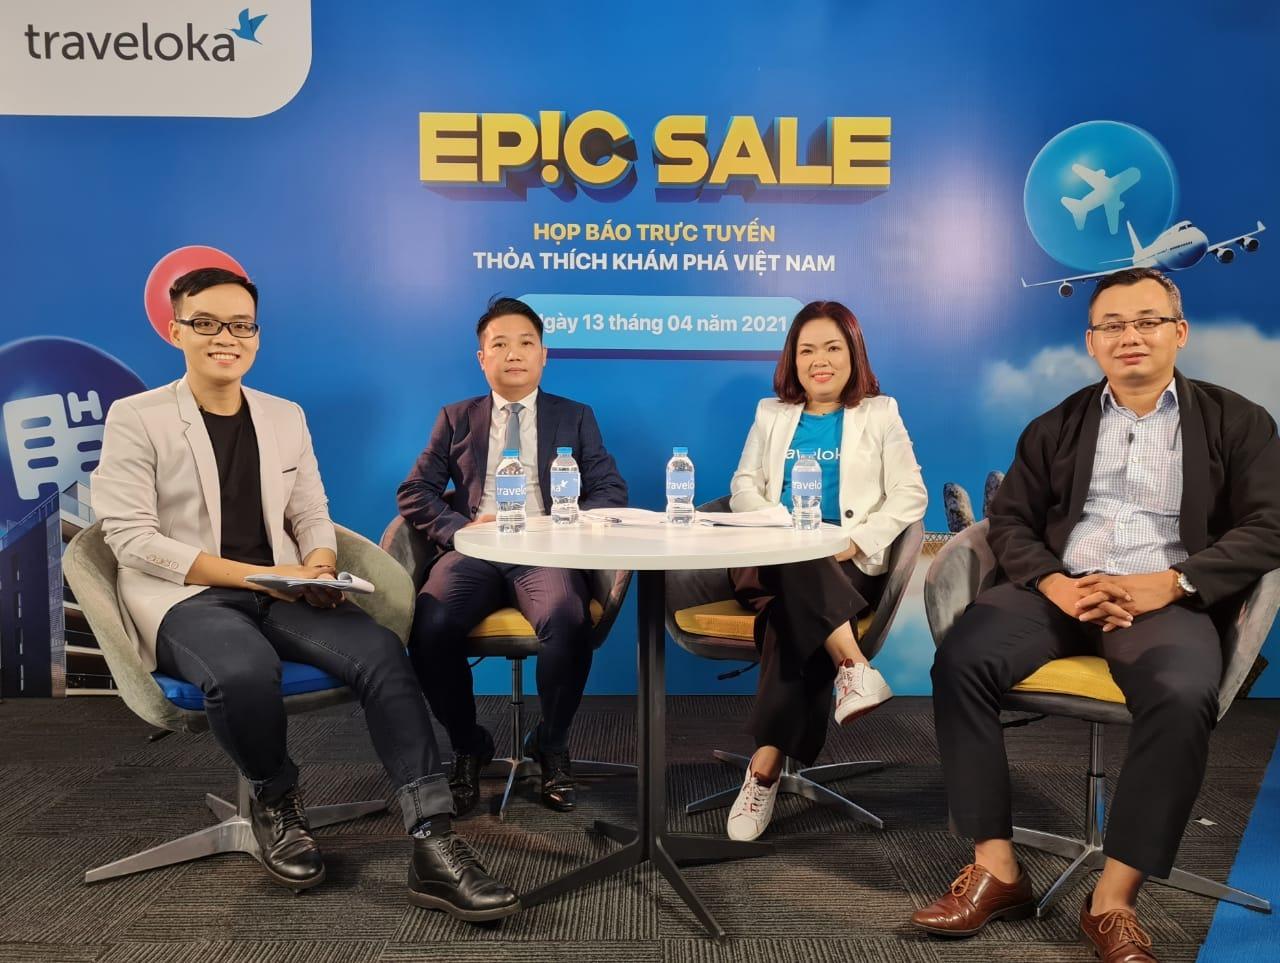 Chương trình Traveloka EPIC Sale